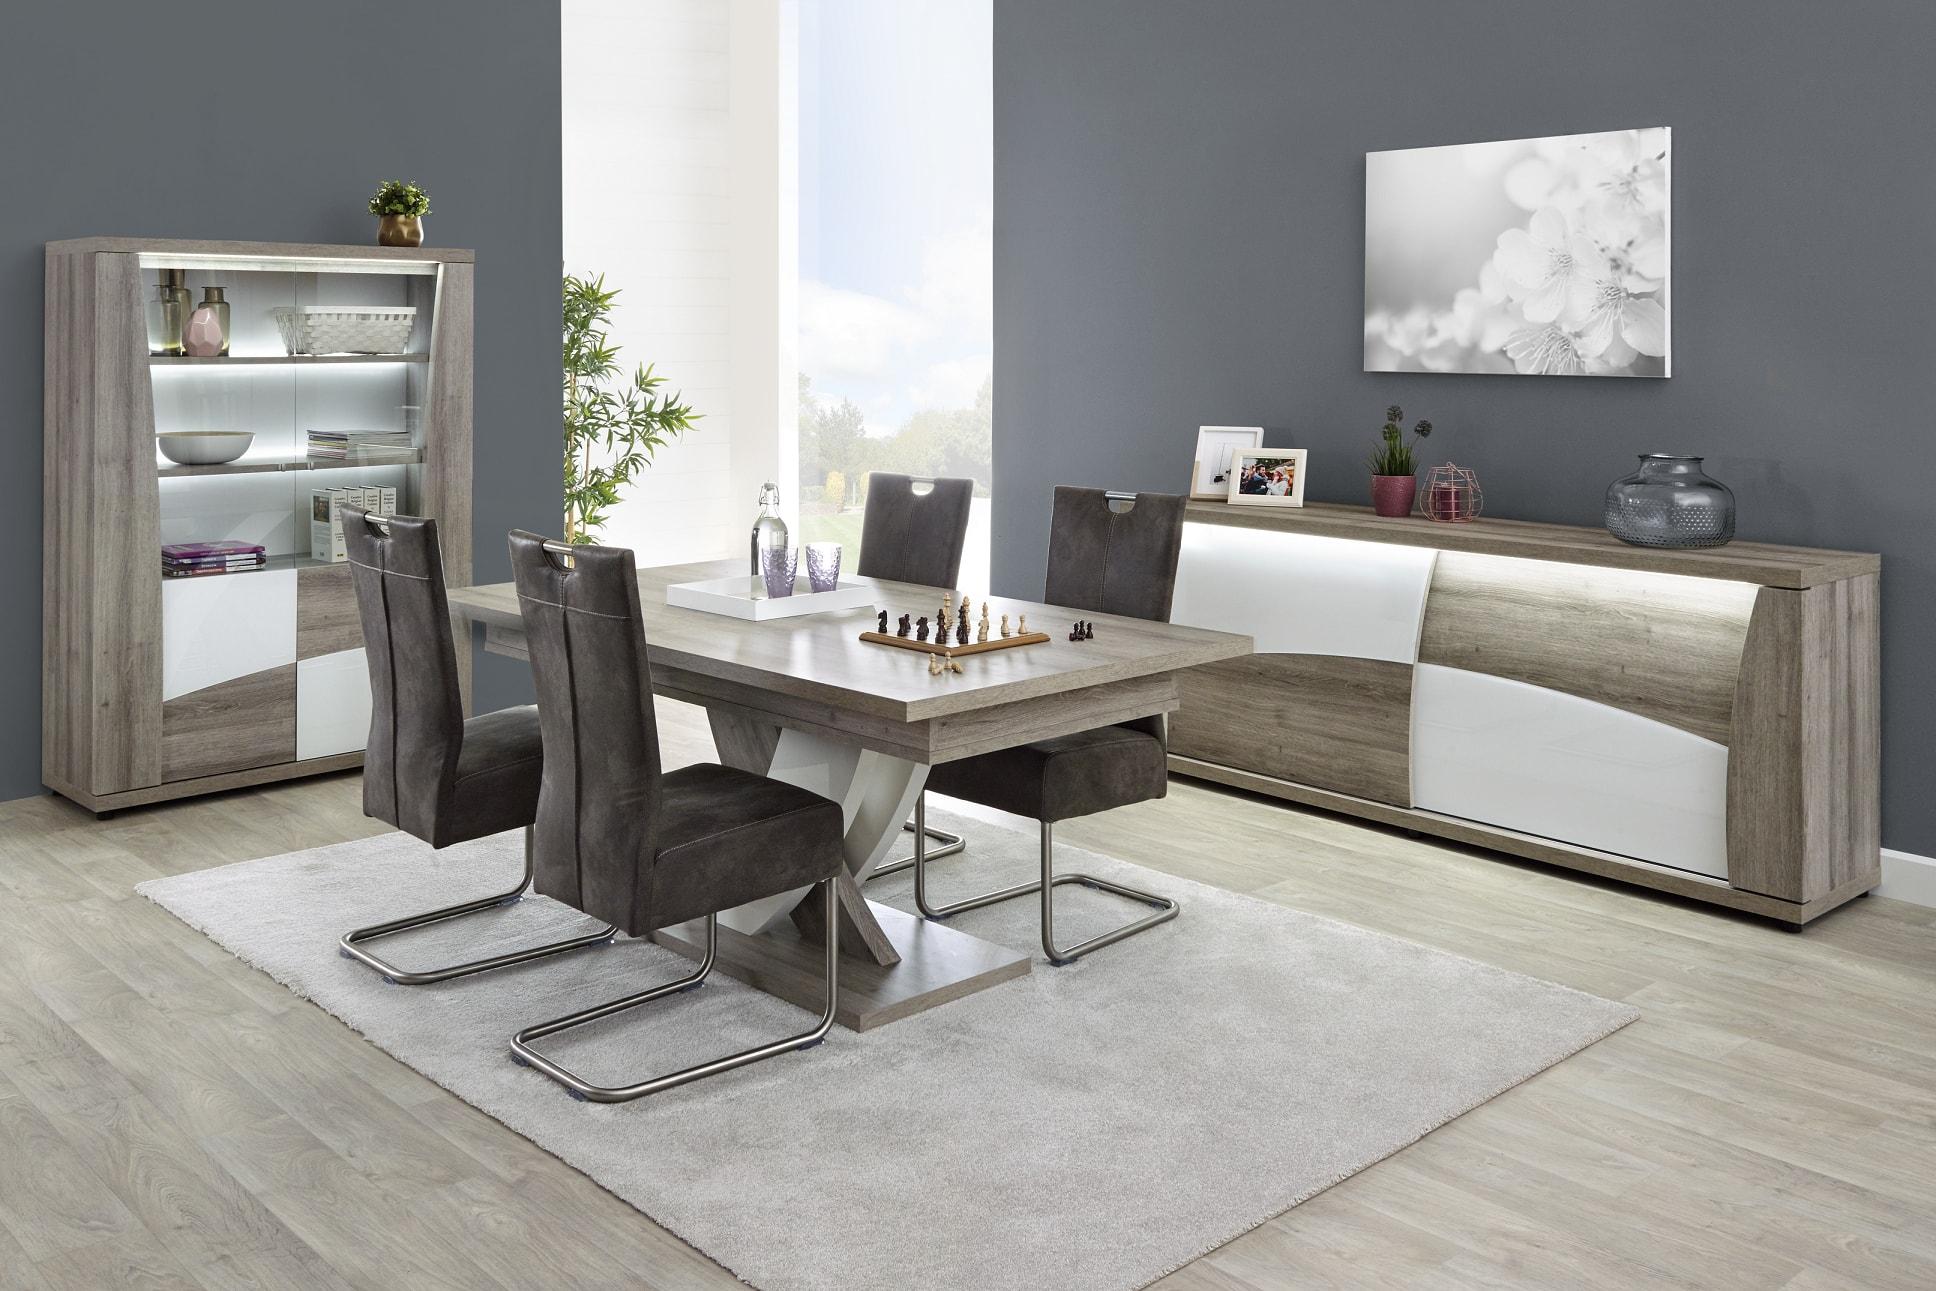 salle a manger kasimir mobilier confort